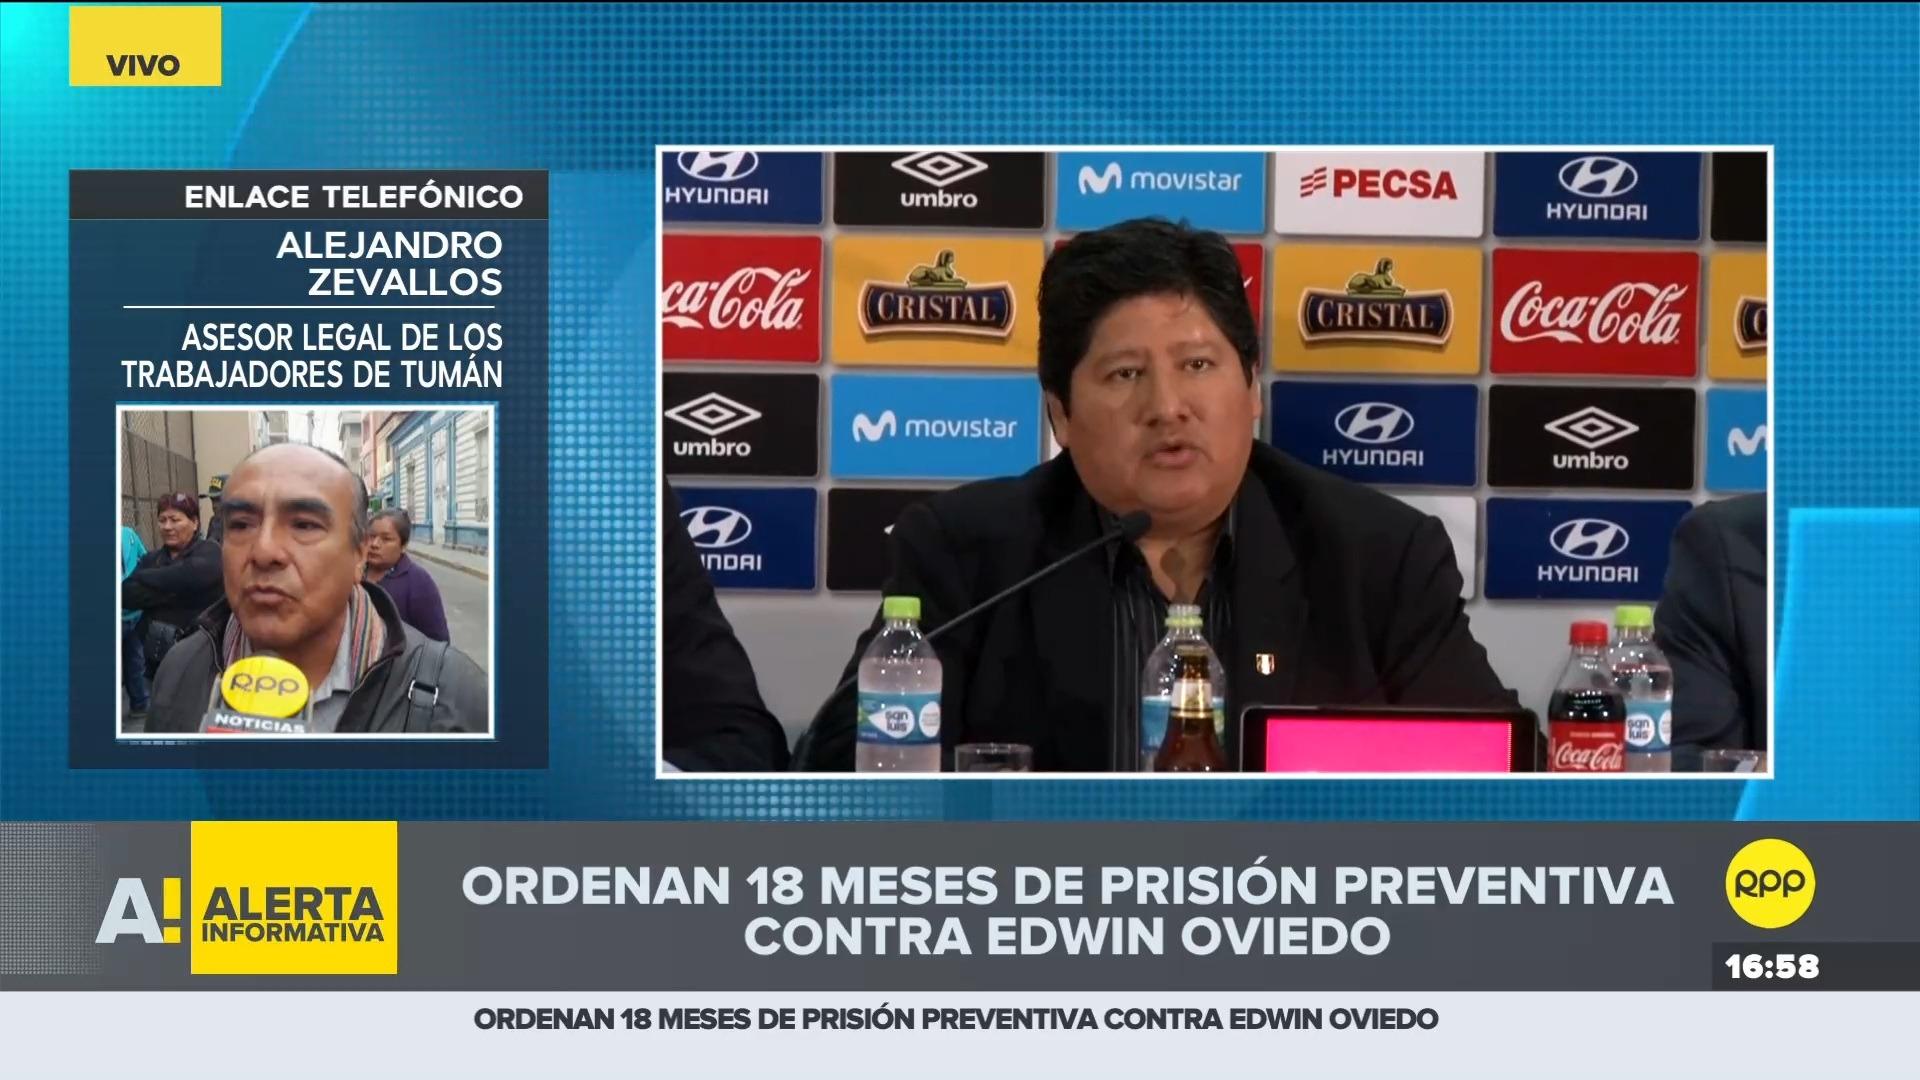 El asesor legal comentó que los pobladores de Tumán festejaron la prisión contra Oviedo.